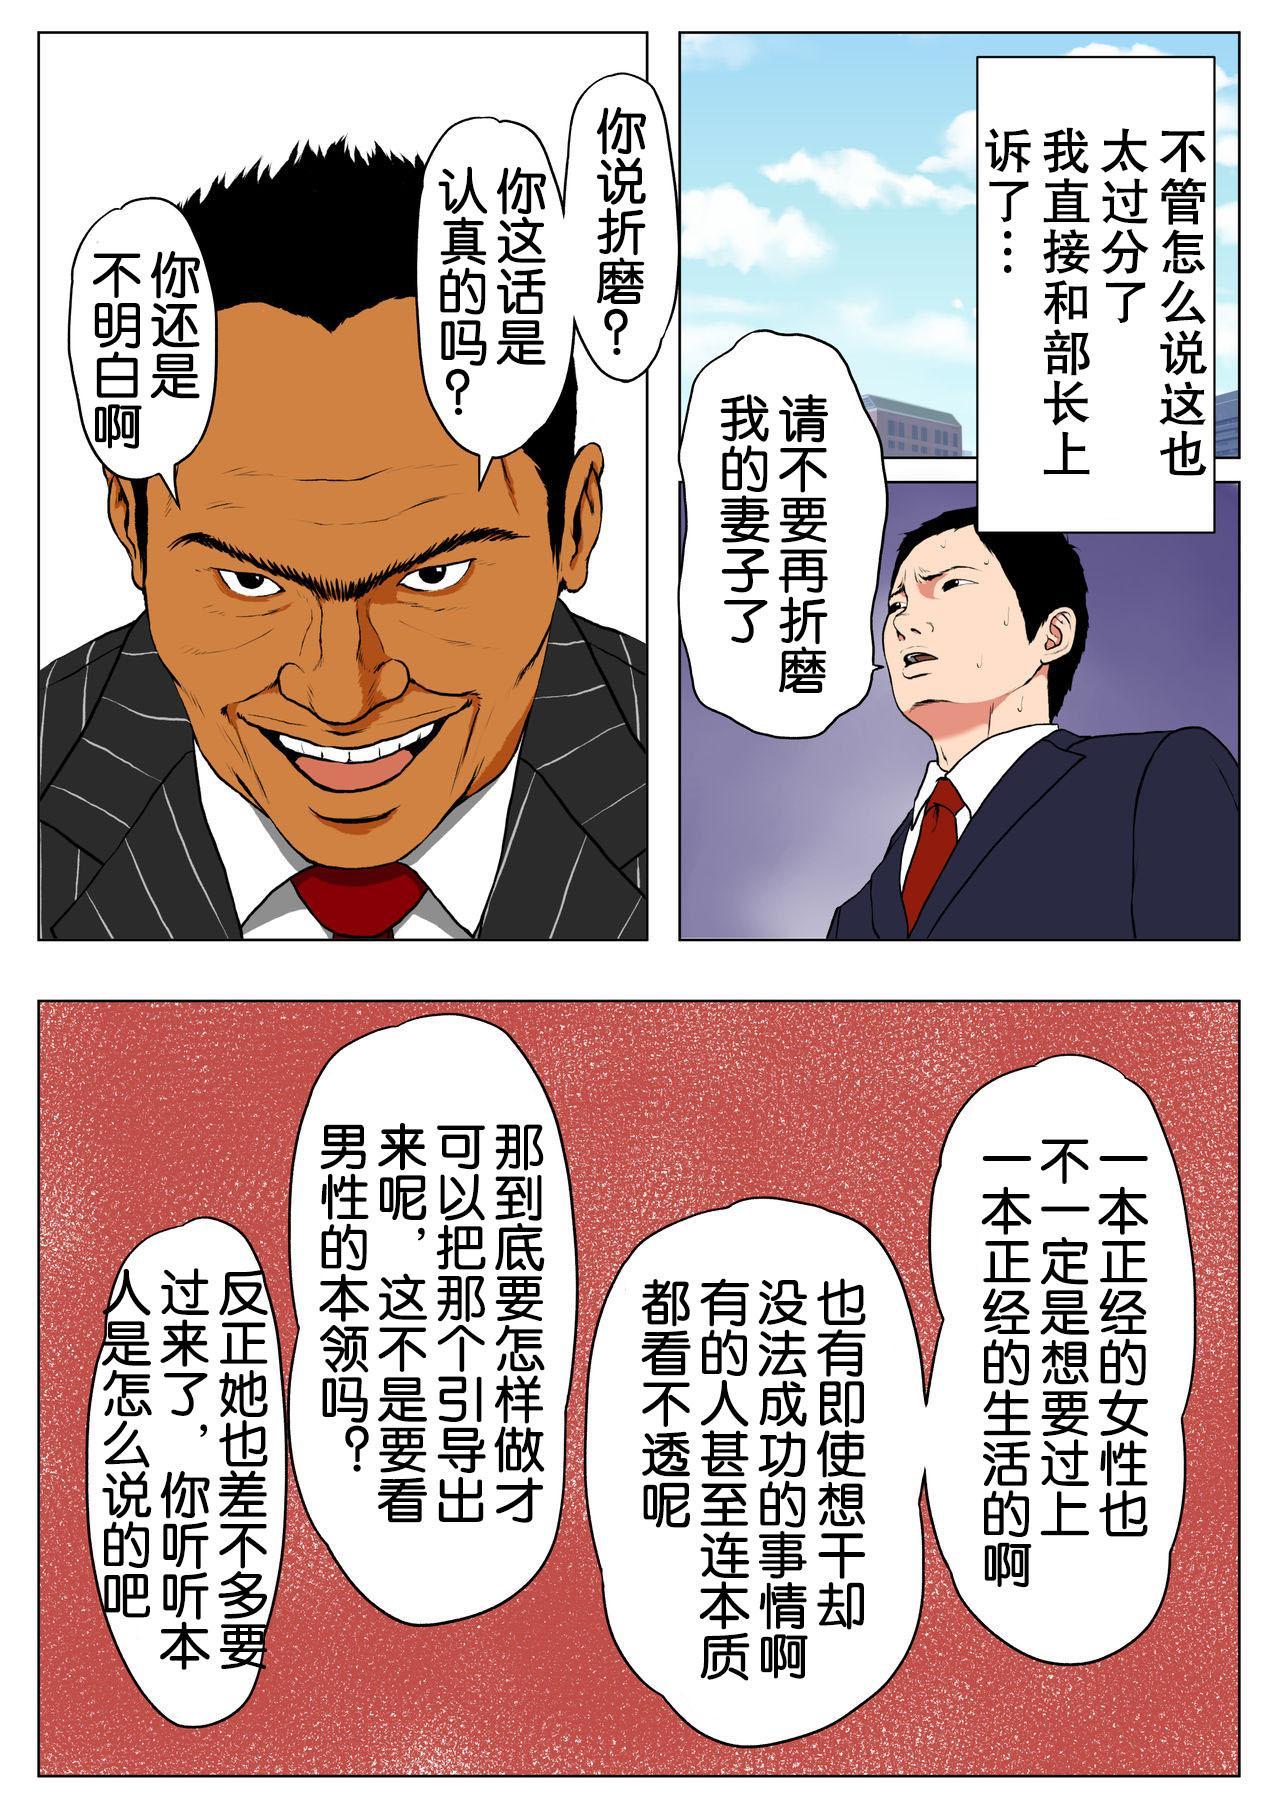 [W no Honnou] Shin, Boku no Tsuma to Kyokon no Moto AV Danyuu Buchou[Chinese]【不可视汉化】 77